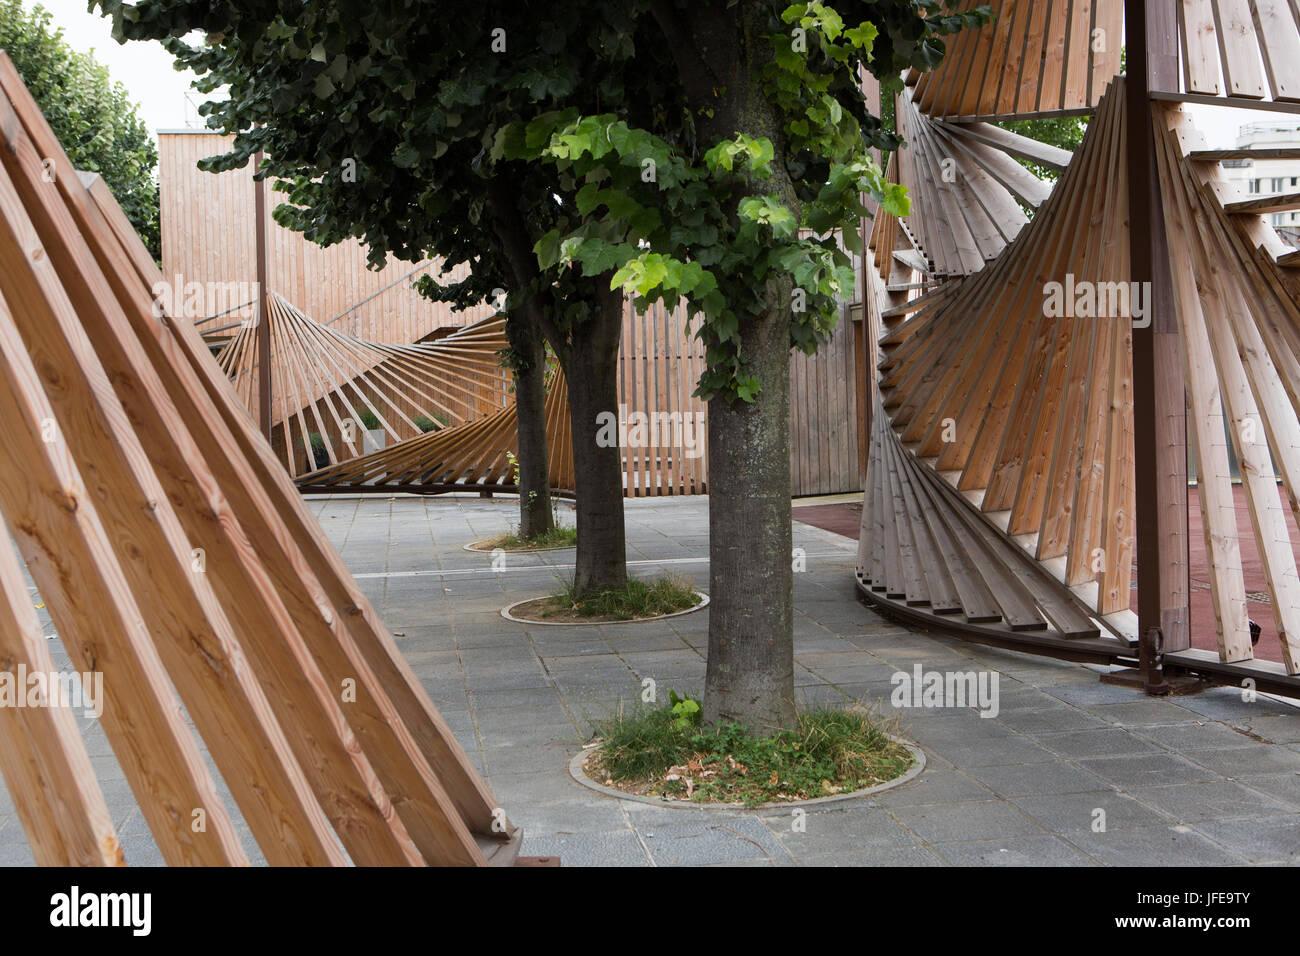 Trees and wooden fences at the Parc de la Villette. - Stock Image